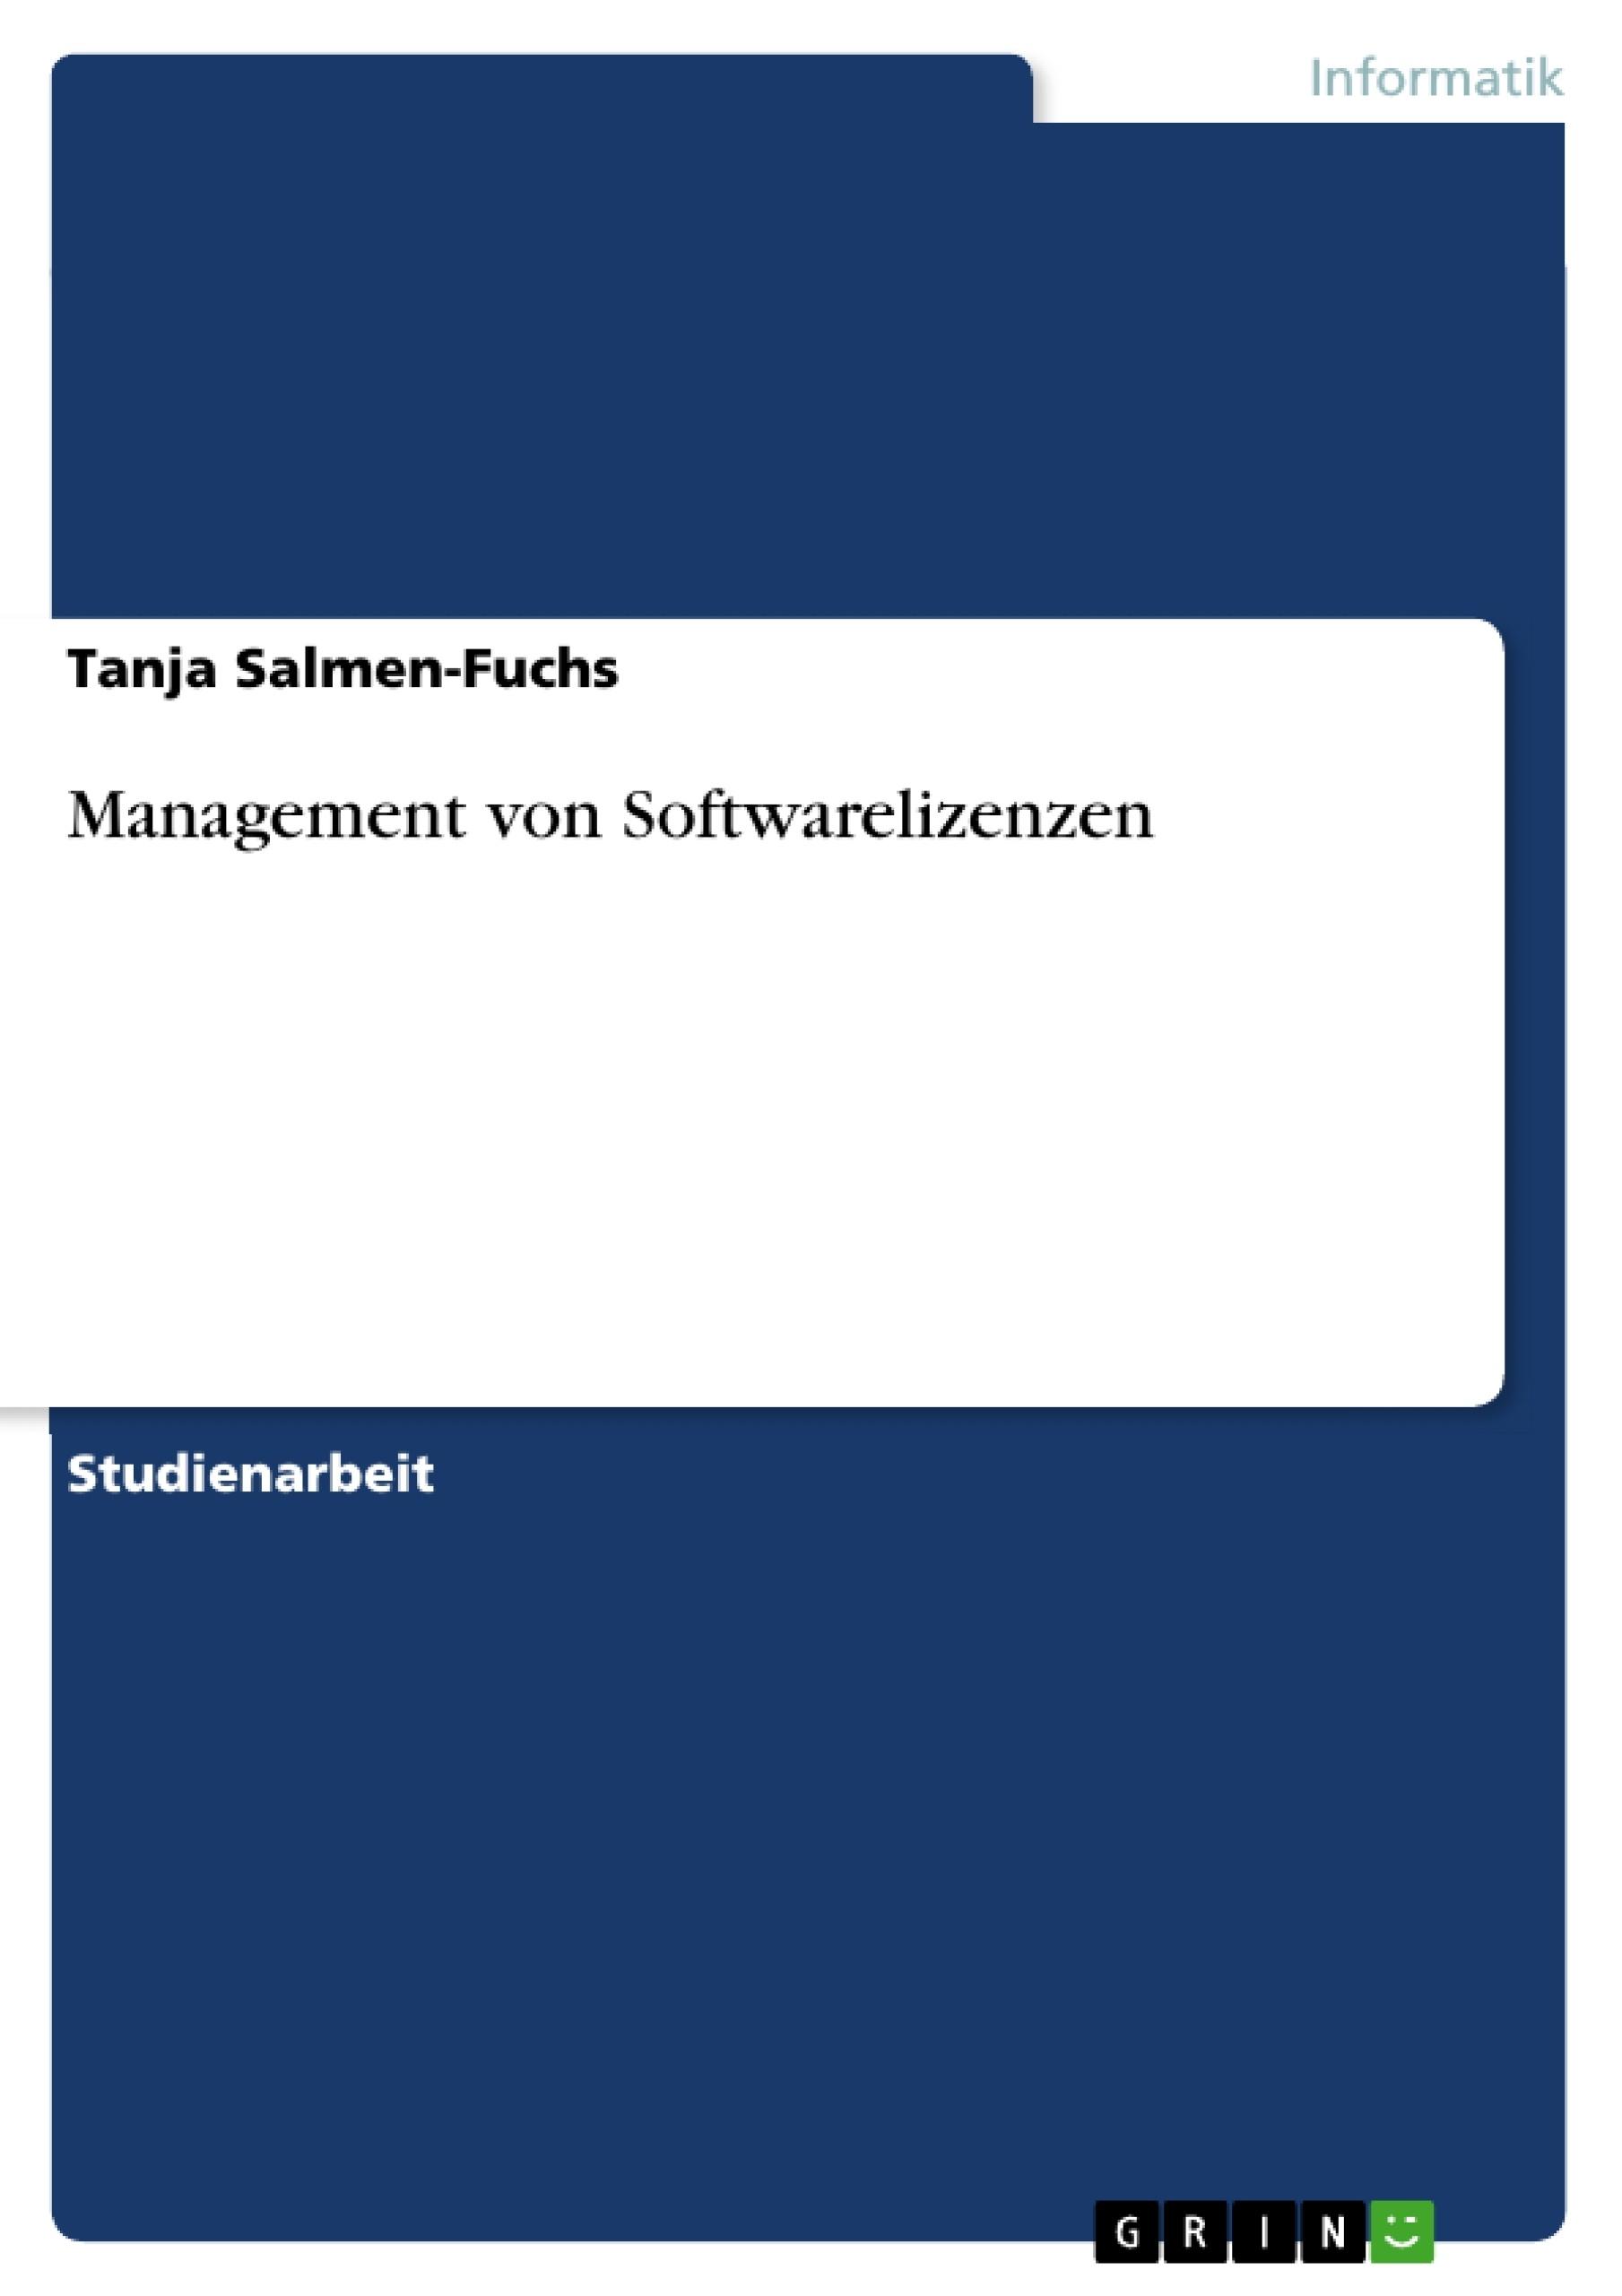 Titel: Management von Softwarelizenzen